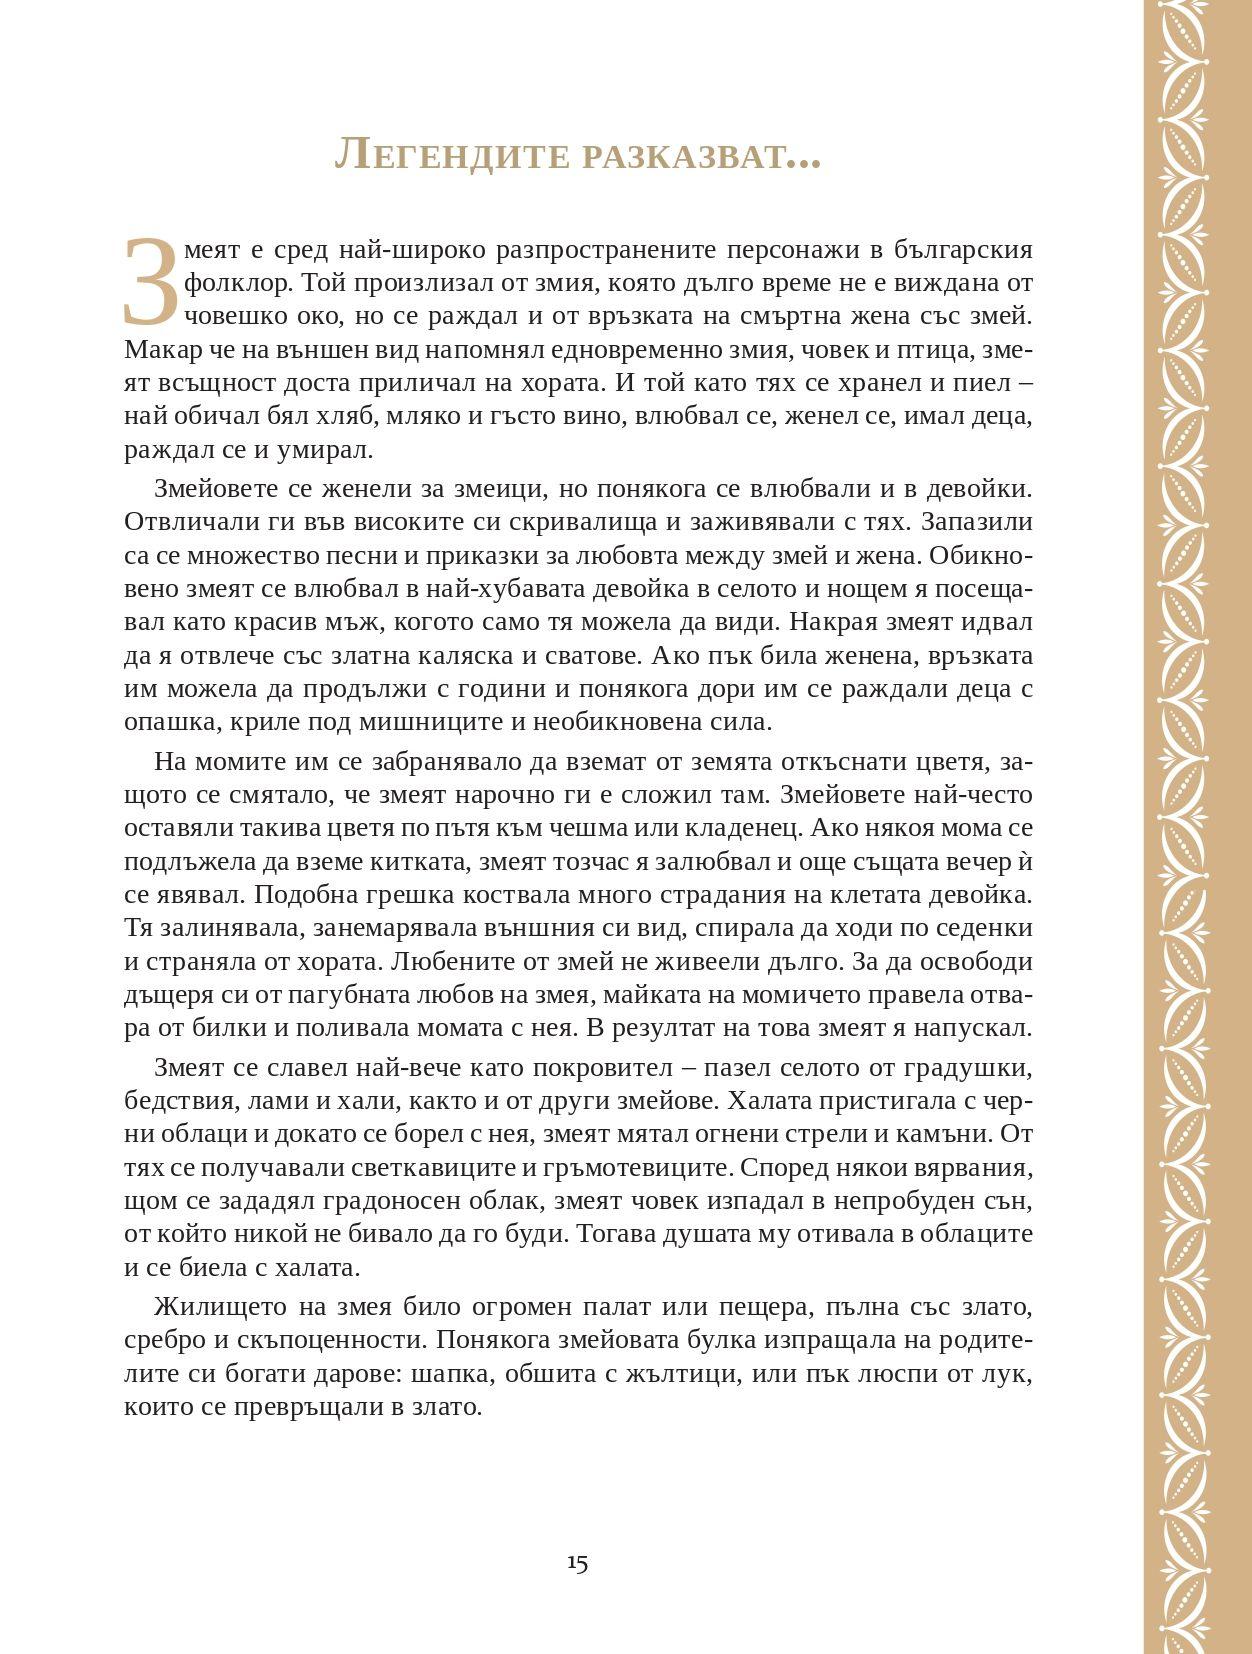 Енциклопедия: Български митични създания - 4